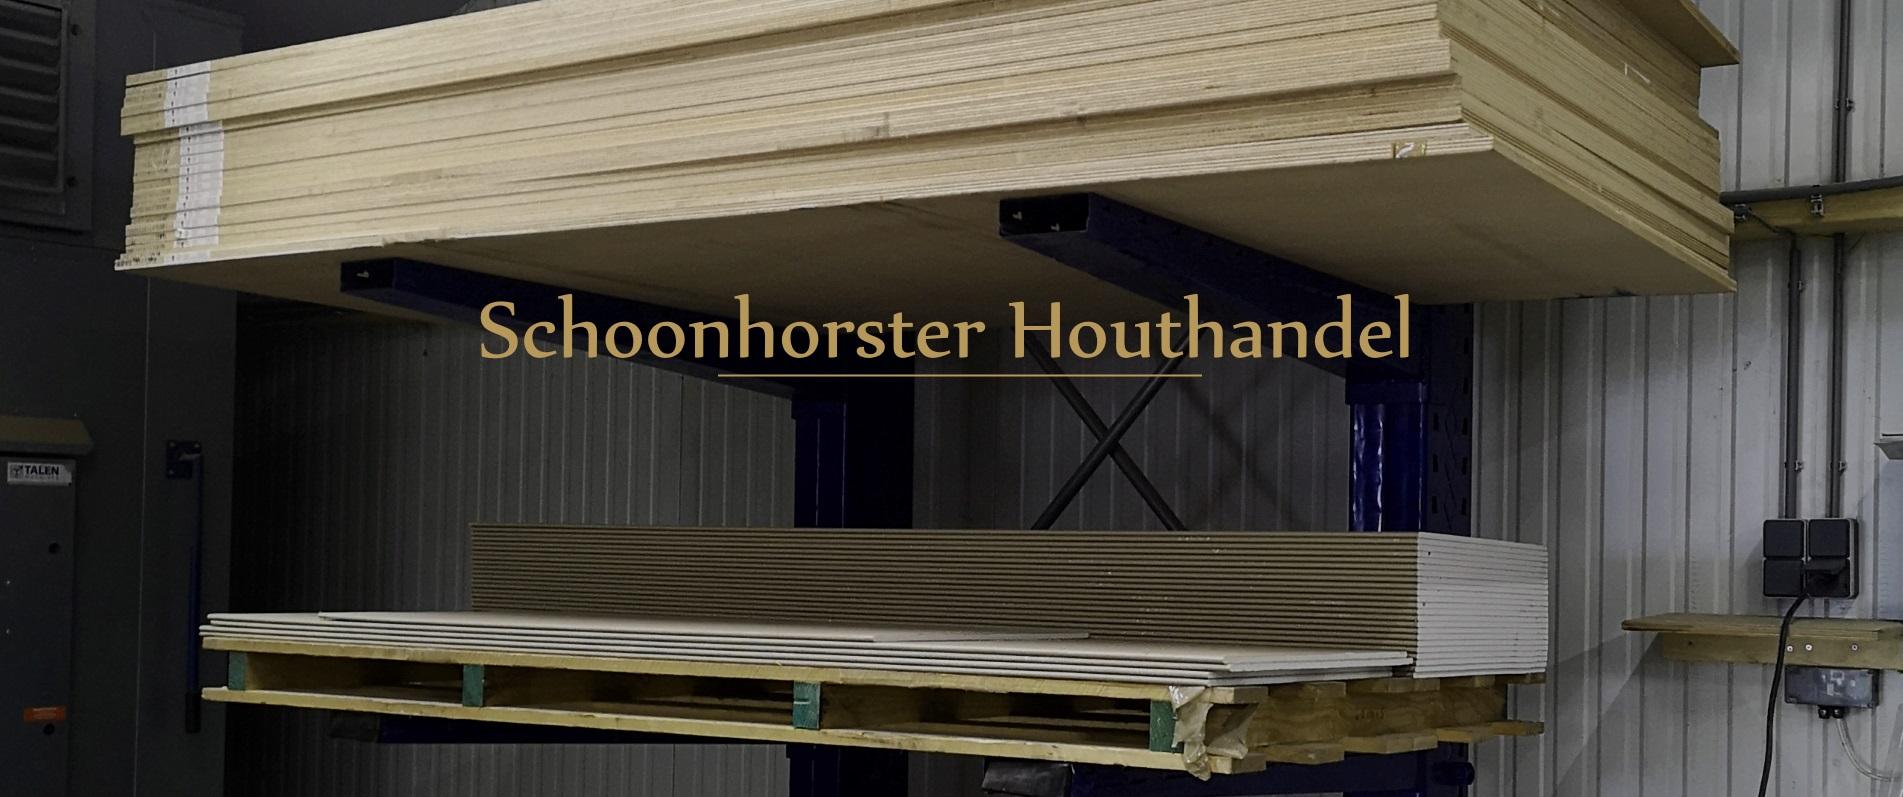 Schoonhorster Houthandel